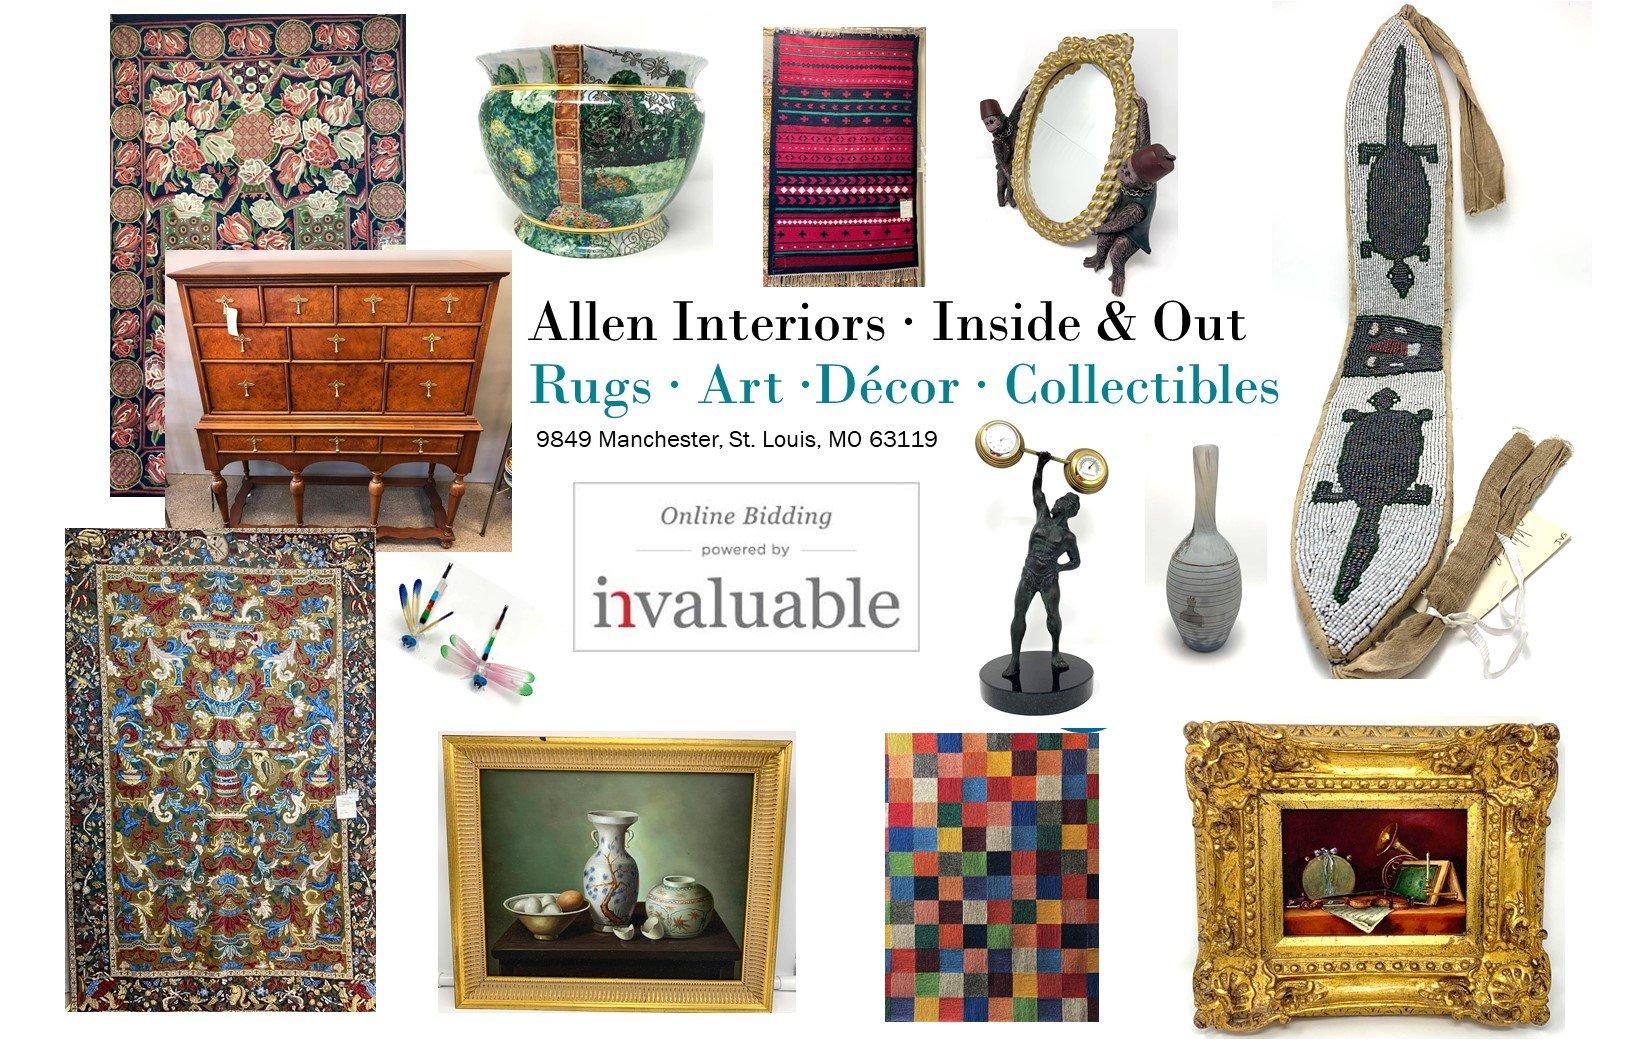 Allen Interiors - Rugs - Art - Decor - Collectibles